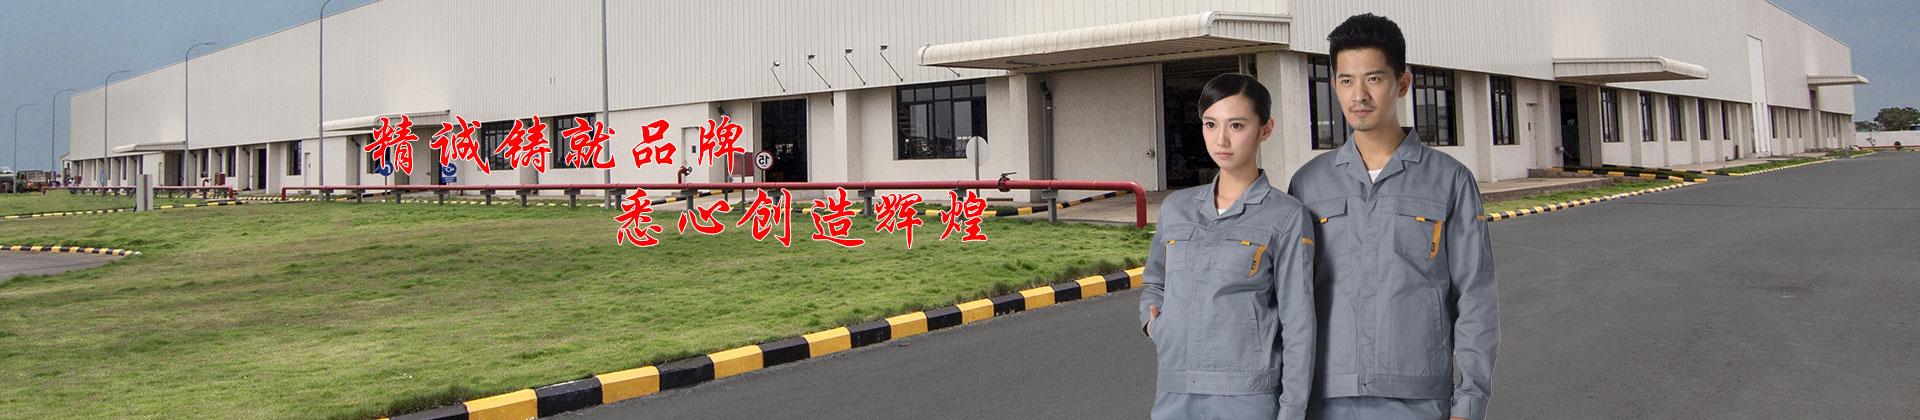 宁波工作服厂家